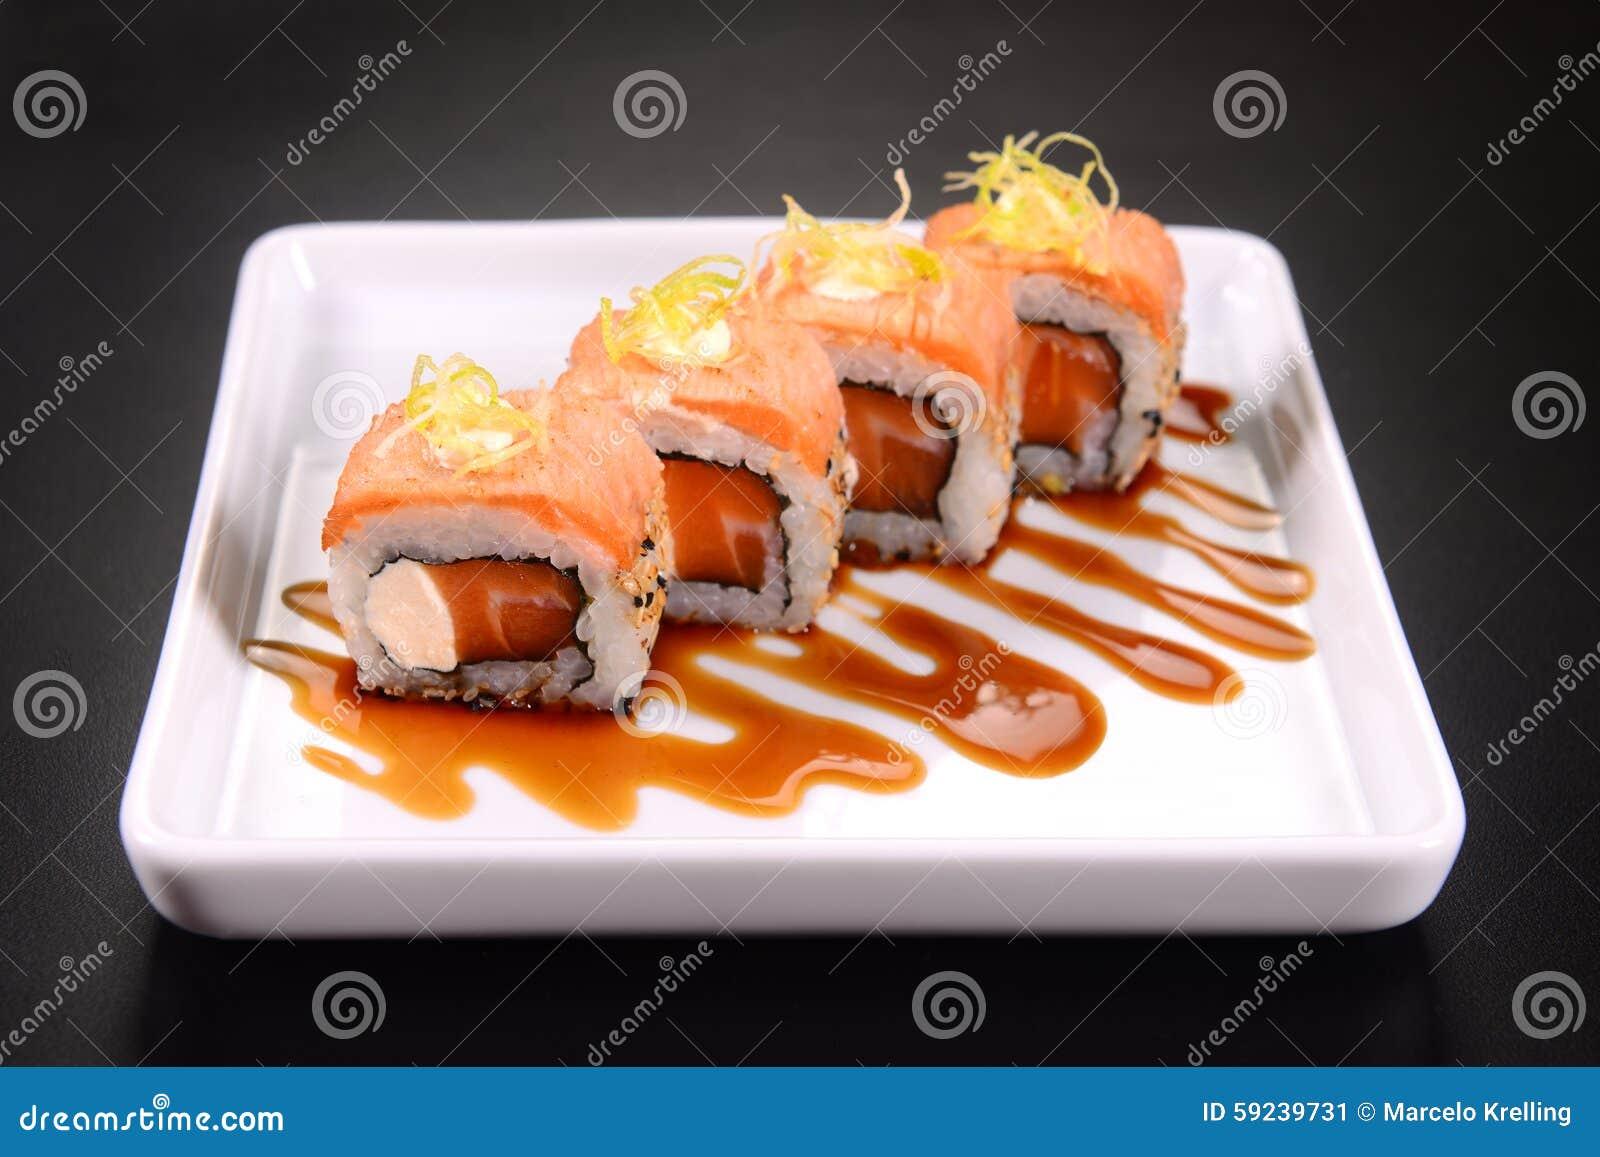 Download Sushi imagen de archivo. Imagen de bocado, gastrónomo - 59239731